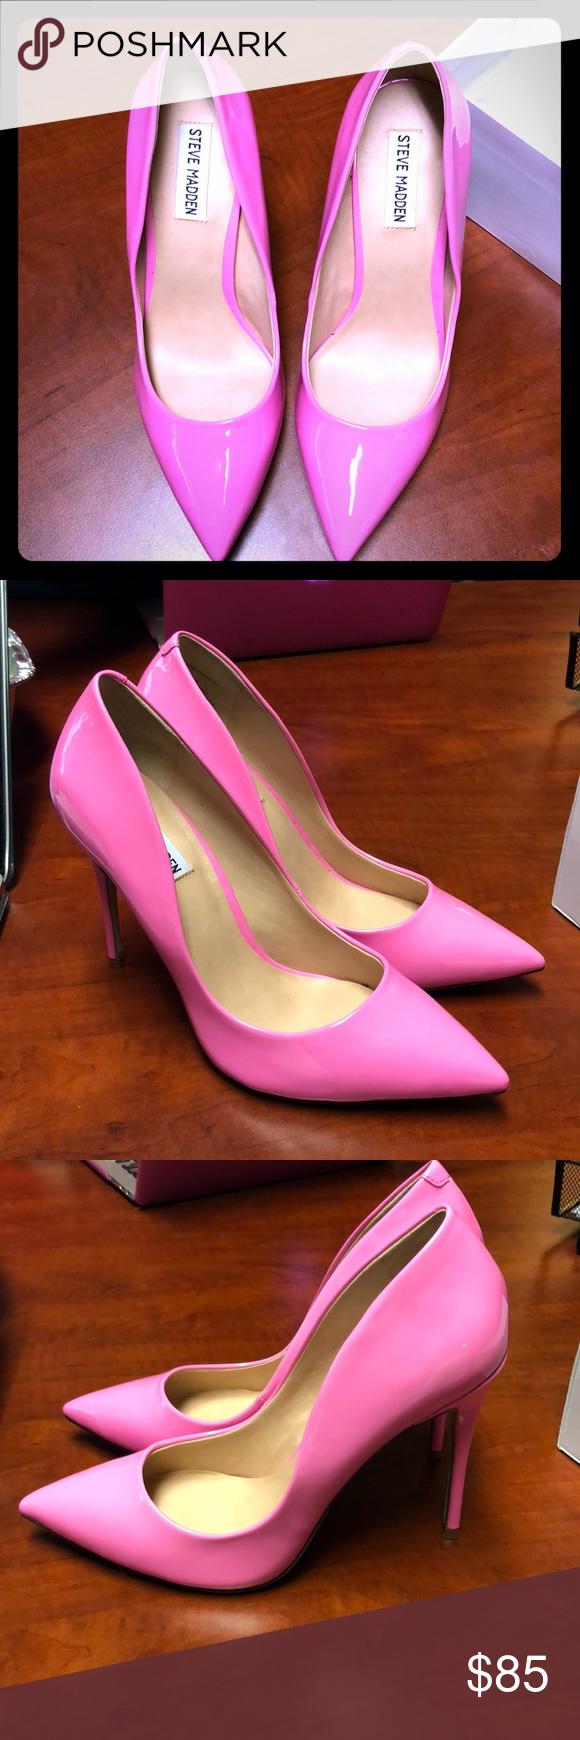 a2e218a29f232 brand new steve madden daisie pink pumps size 9! brand new, never worn! Steve  Madden Shoes Heels